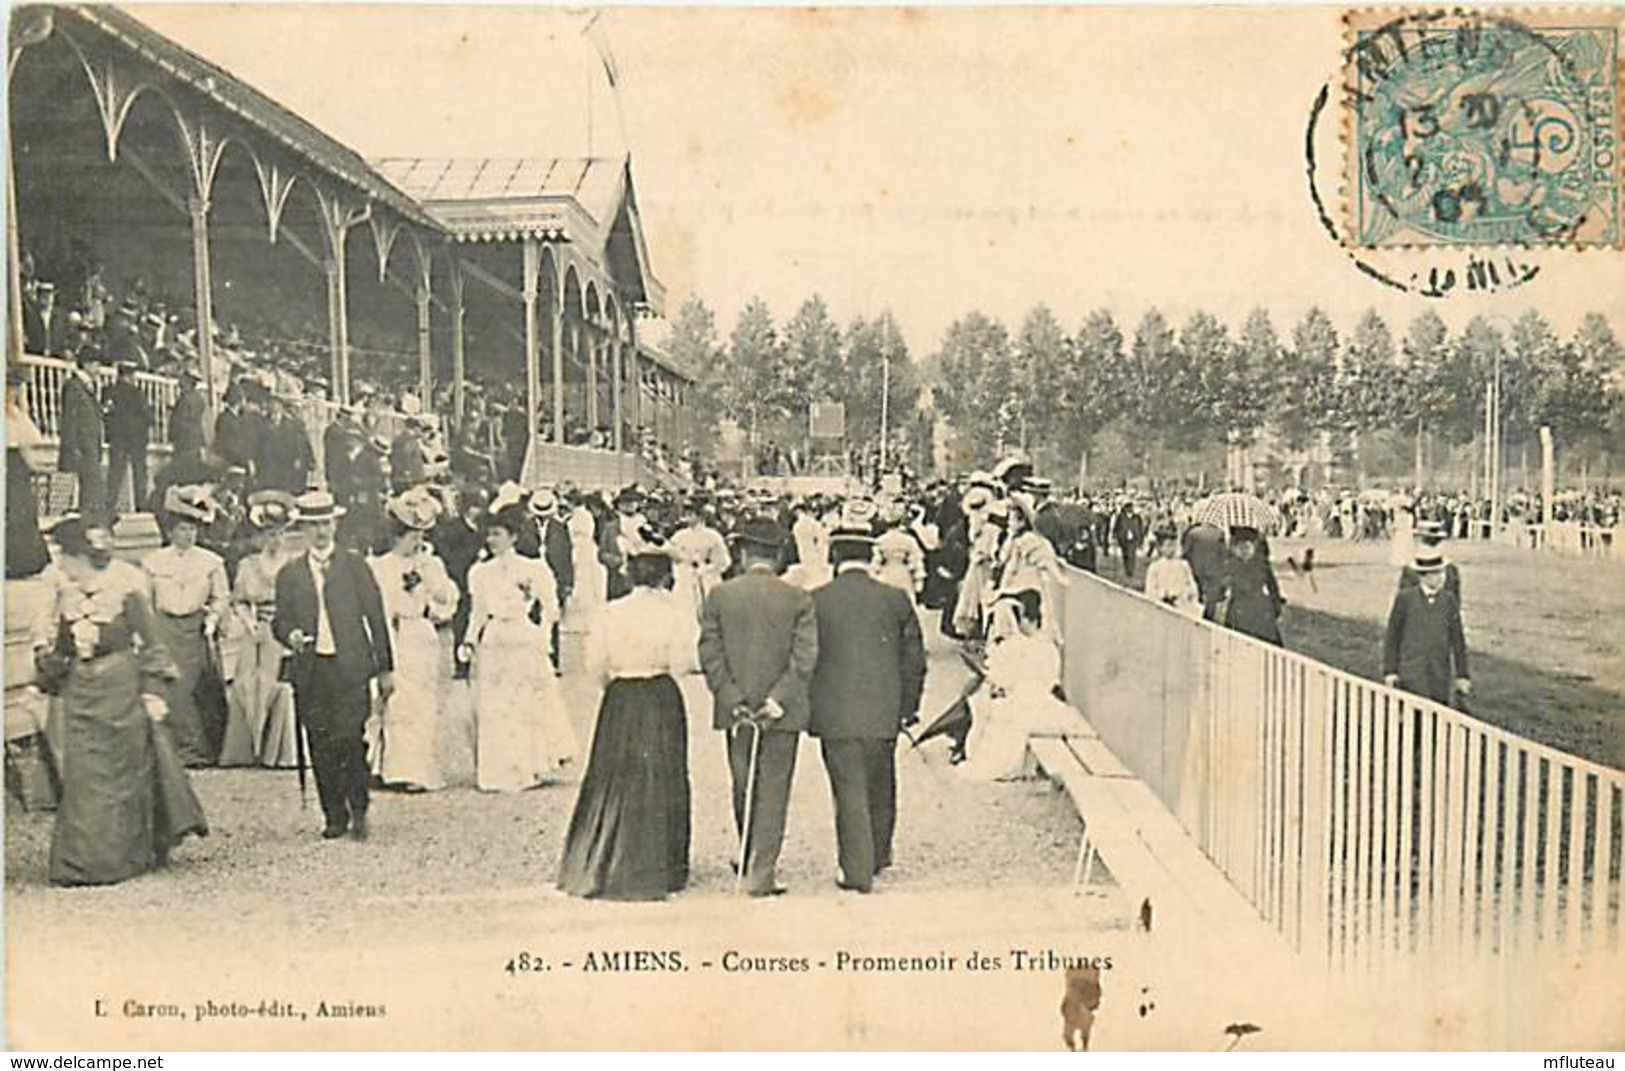 80* AMIENS  Courses  -  Tribunes           MA97,0051 - Amiens